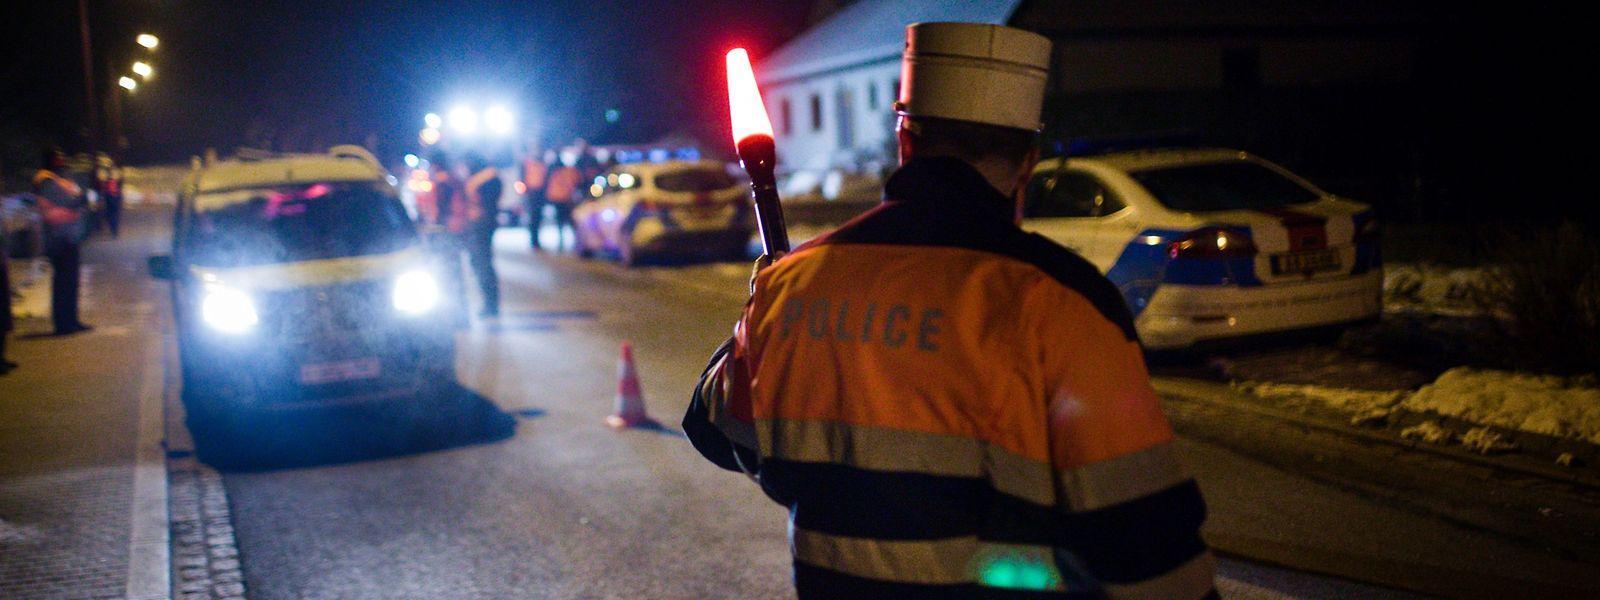 Im Schnitt führt die Polizei jährlich 180 groß angelegte Alkoholkontrollen durch.